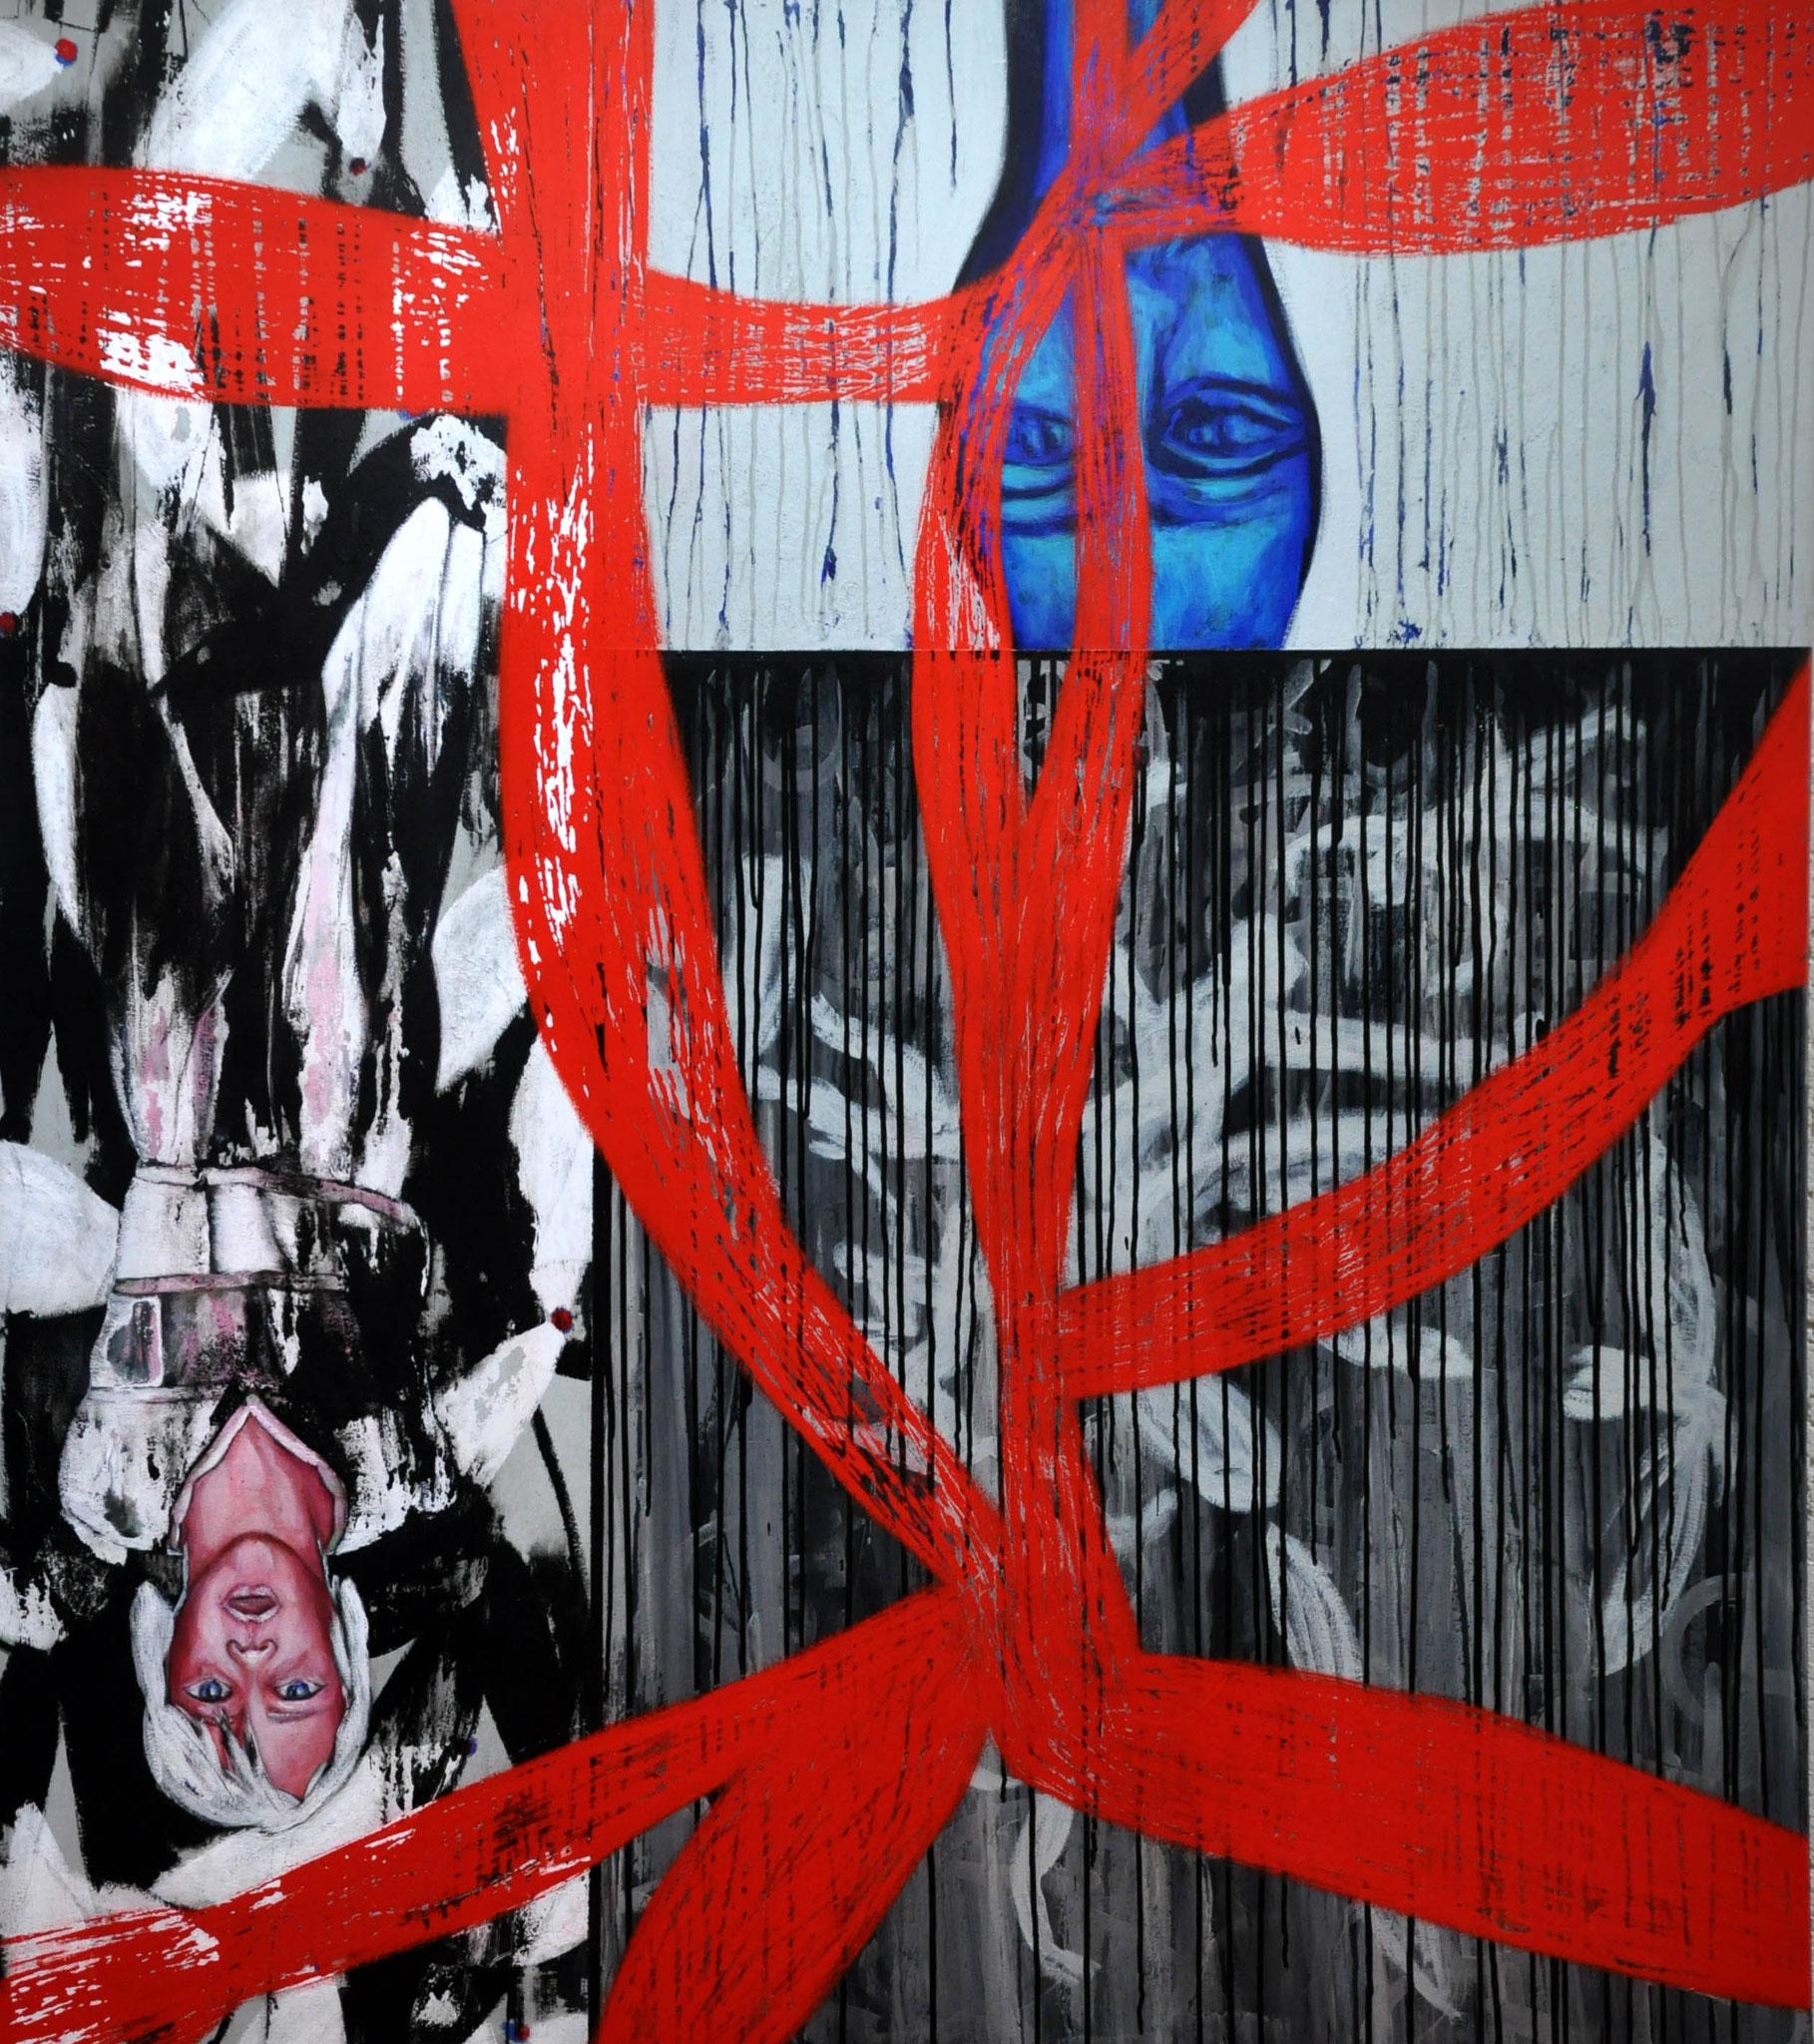 Perlen Lichtrippen, Umwege des Absprungs, ein Haus, ein Glück, die Wildnis   2009, 140 x 160 cm,  acrylic on canvas